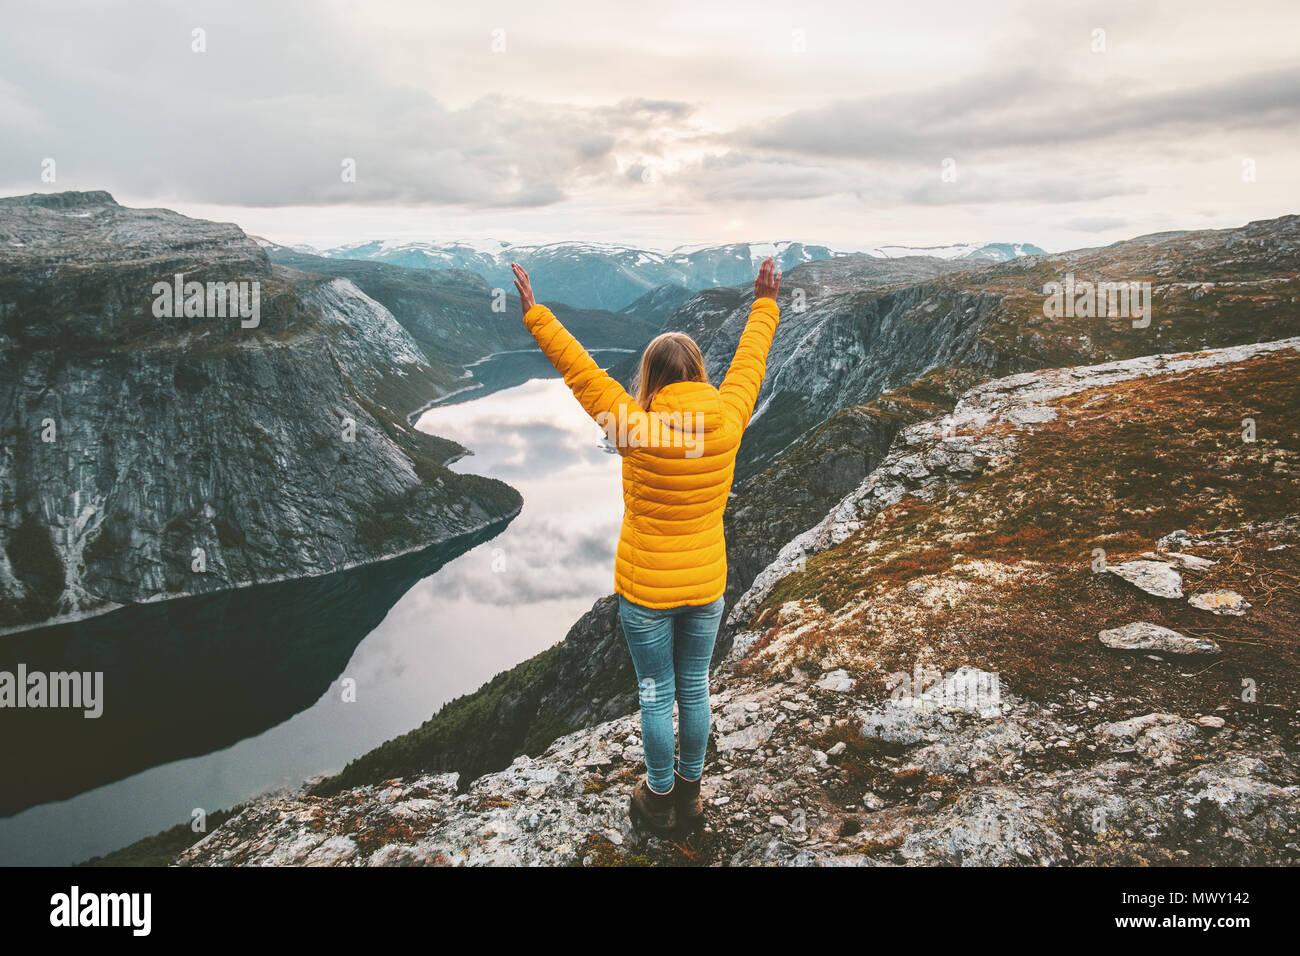 Happy woman a soulevé les mains sur la montagne de voyage seul vie aventure vacances voyage paysage lac aérienne des émotions de bien-être réussite Photo Stock